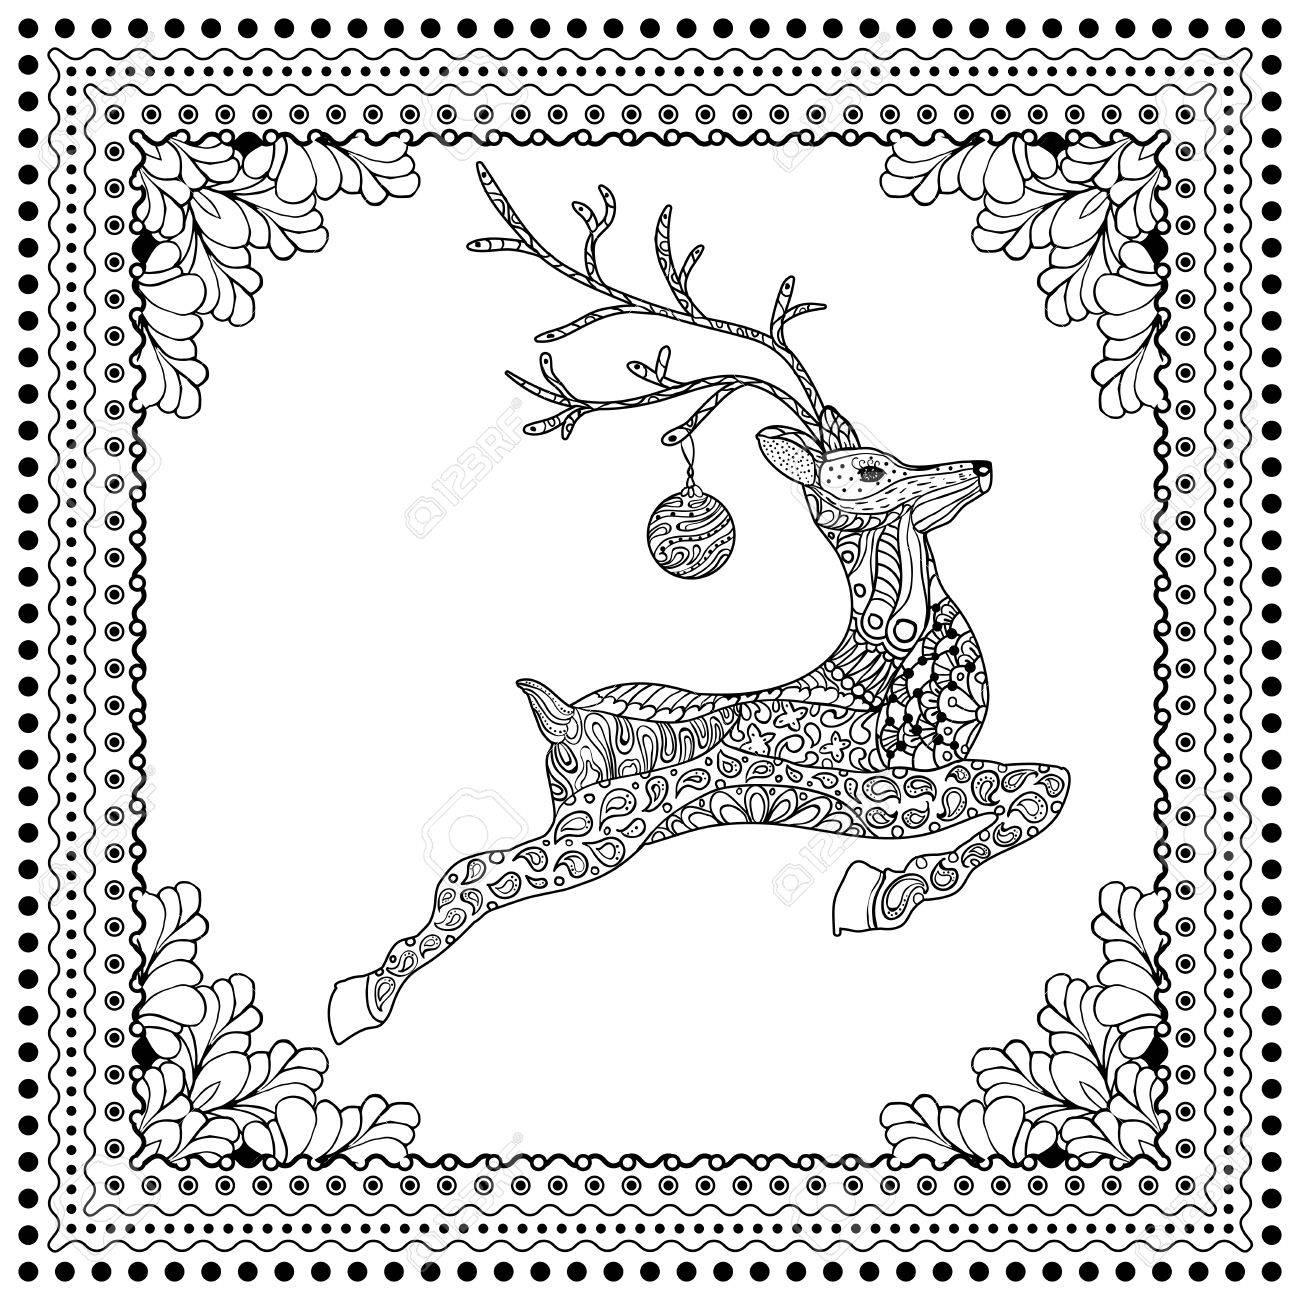 Vector Dibujado A Mano Ilustración De Ciervo Saltando Silueta Con ...